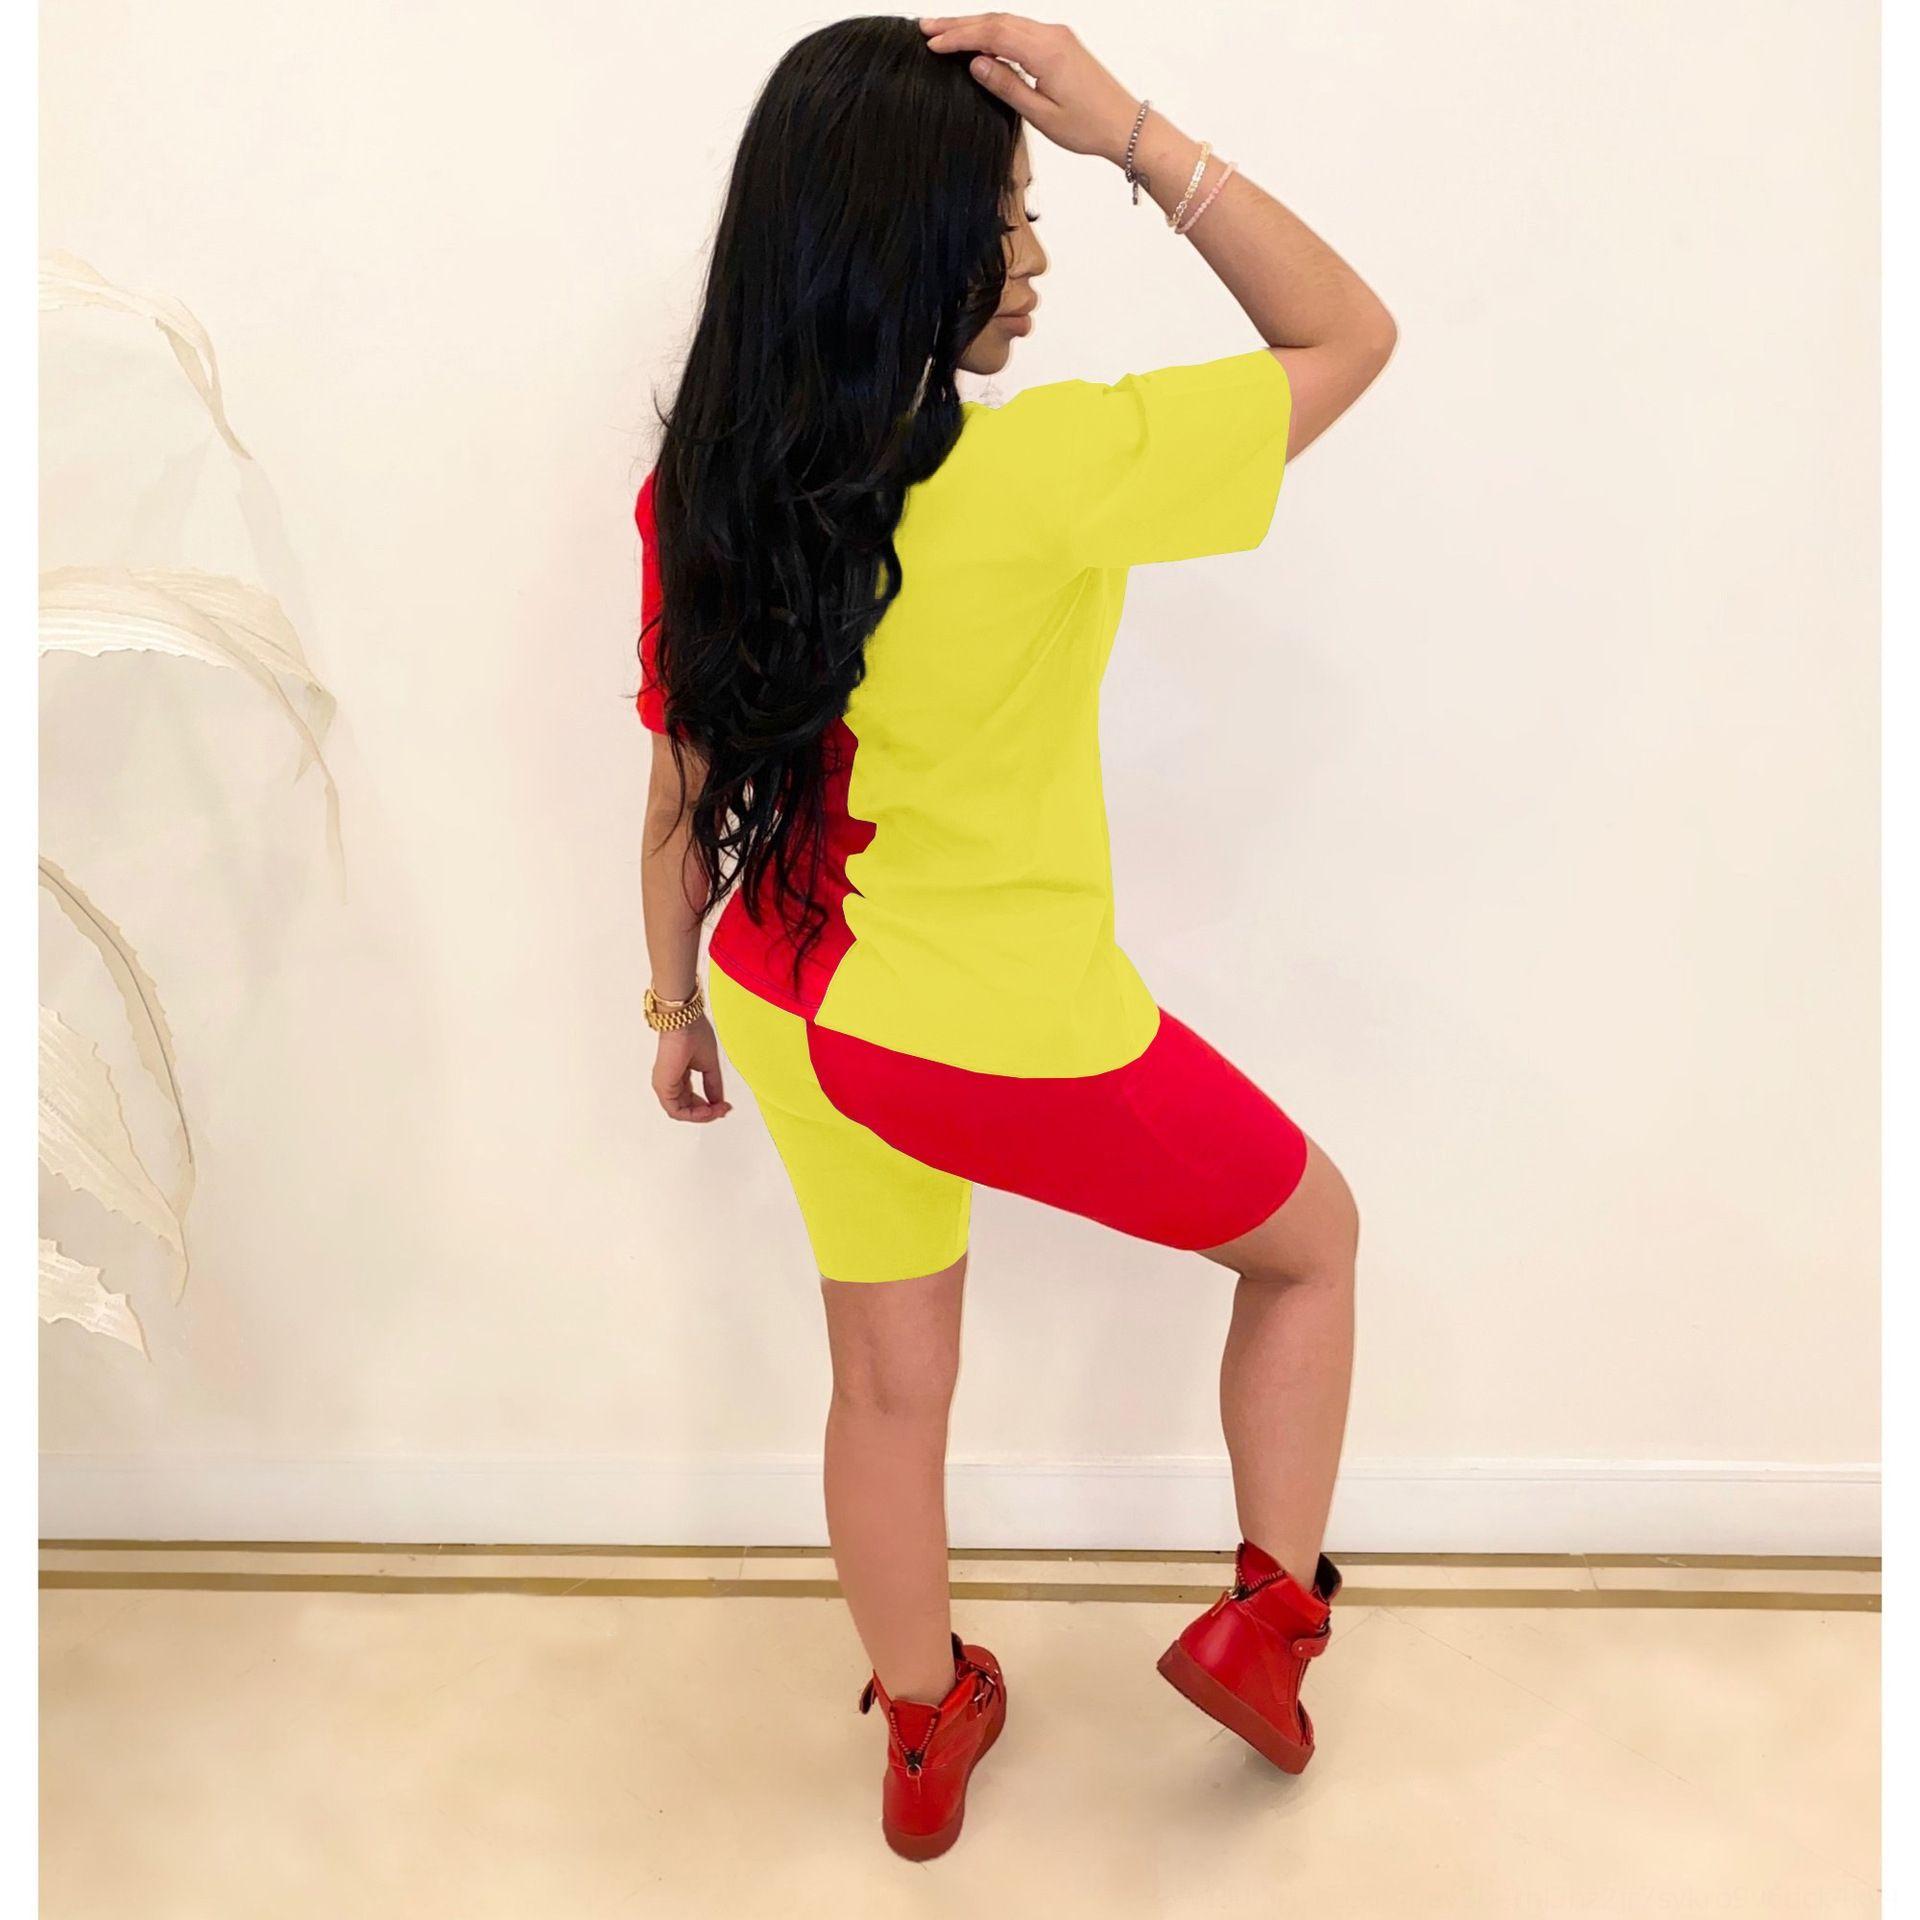 dxxsu BN053 vestuário 2020 print floral Flor esportes costura de roupas 2020 floral impressão língua língua Flor das mulheres terno BN053 das mulheres st